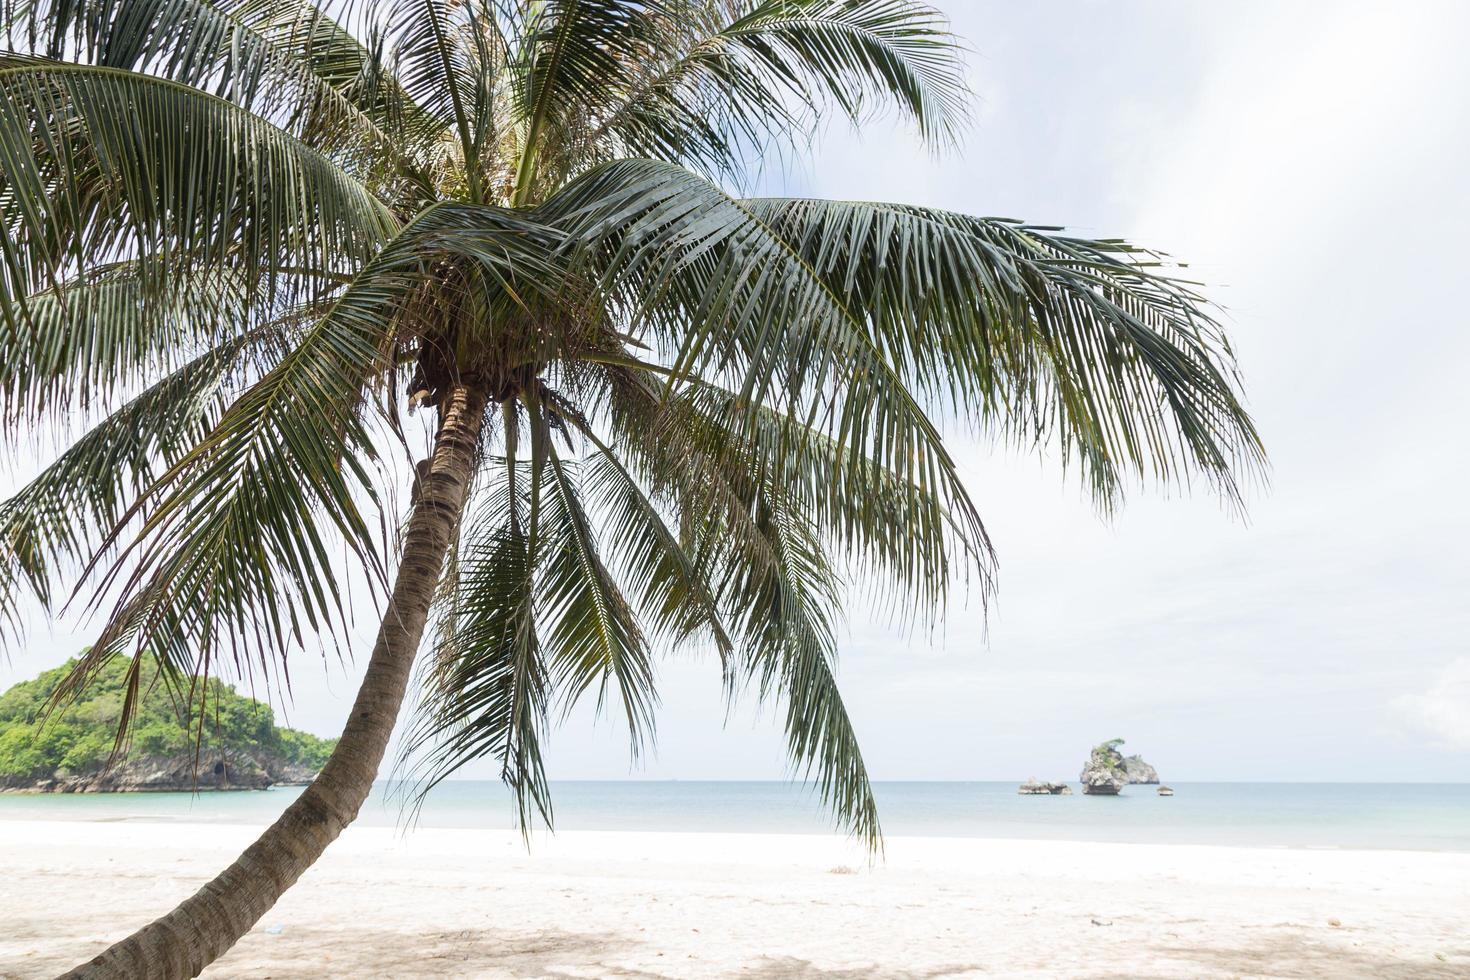 palma de coco en la playa foto